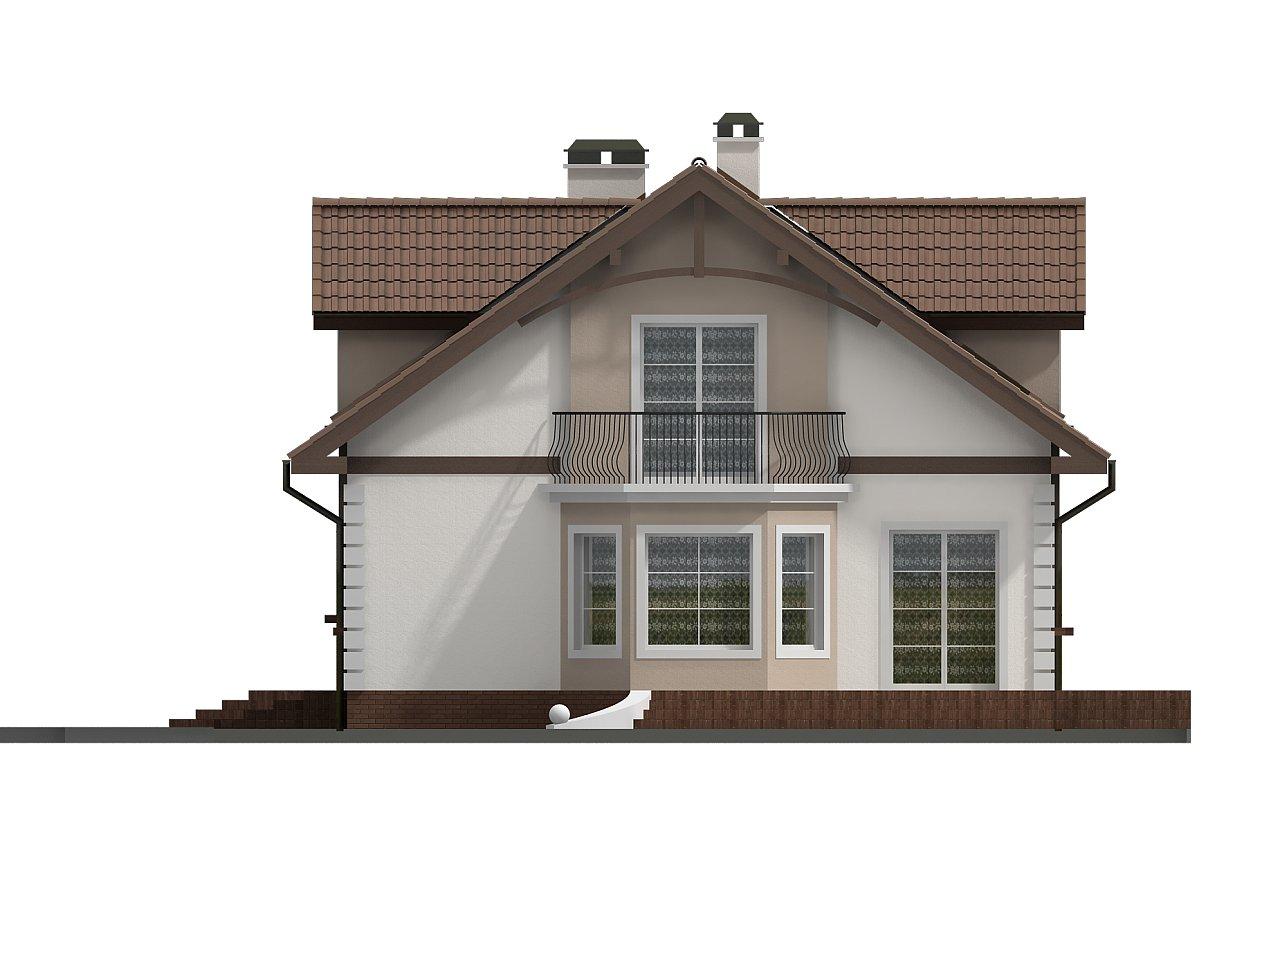 Элегантный дом с мансардой, эркером и балконом над ним. 3